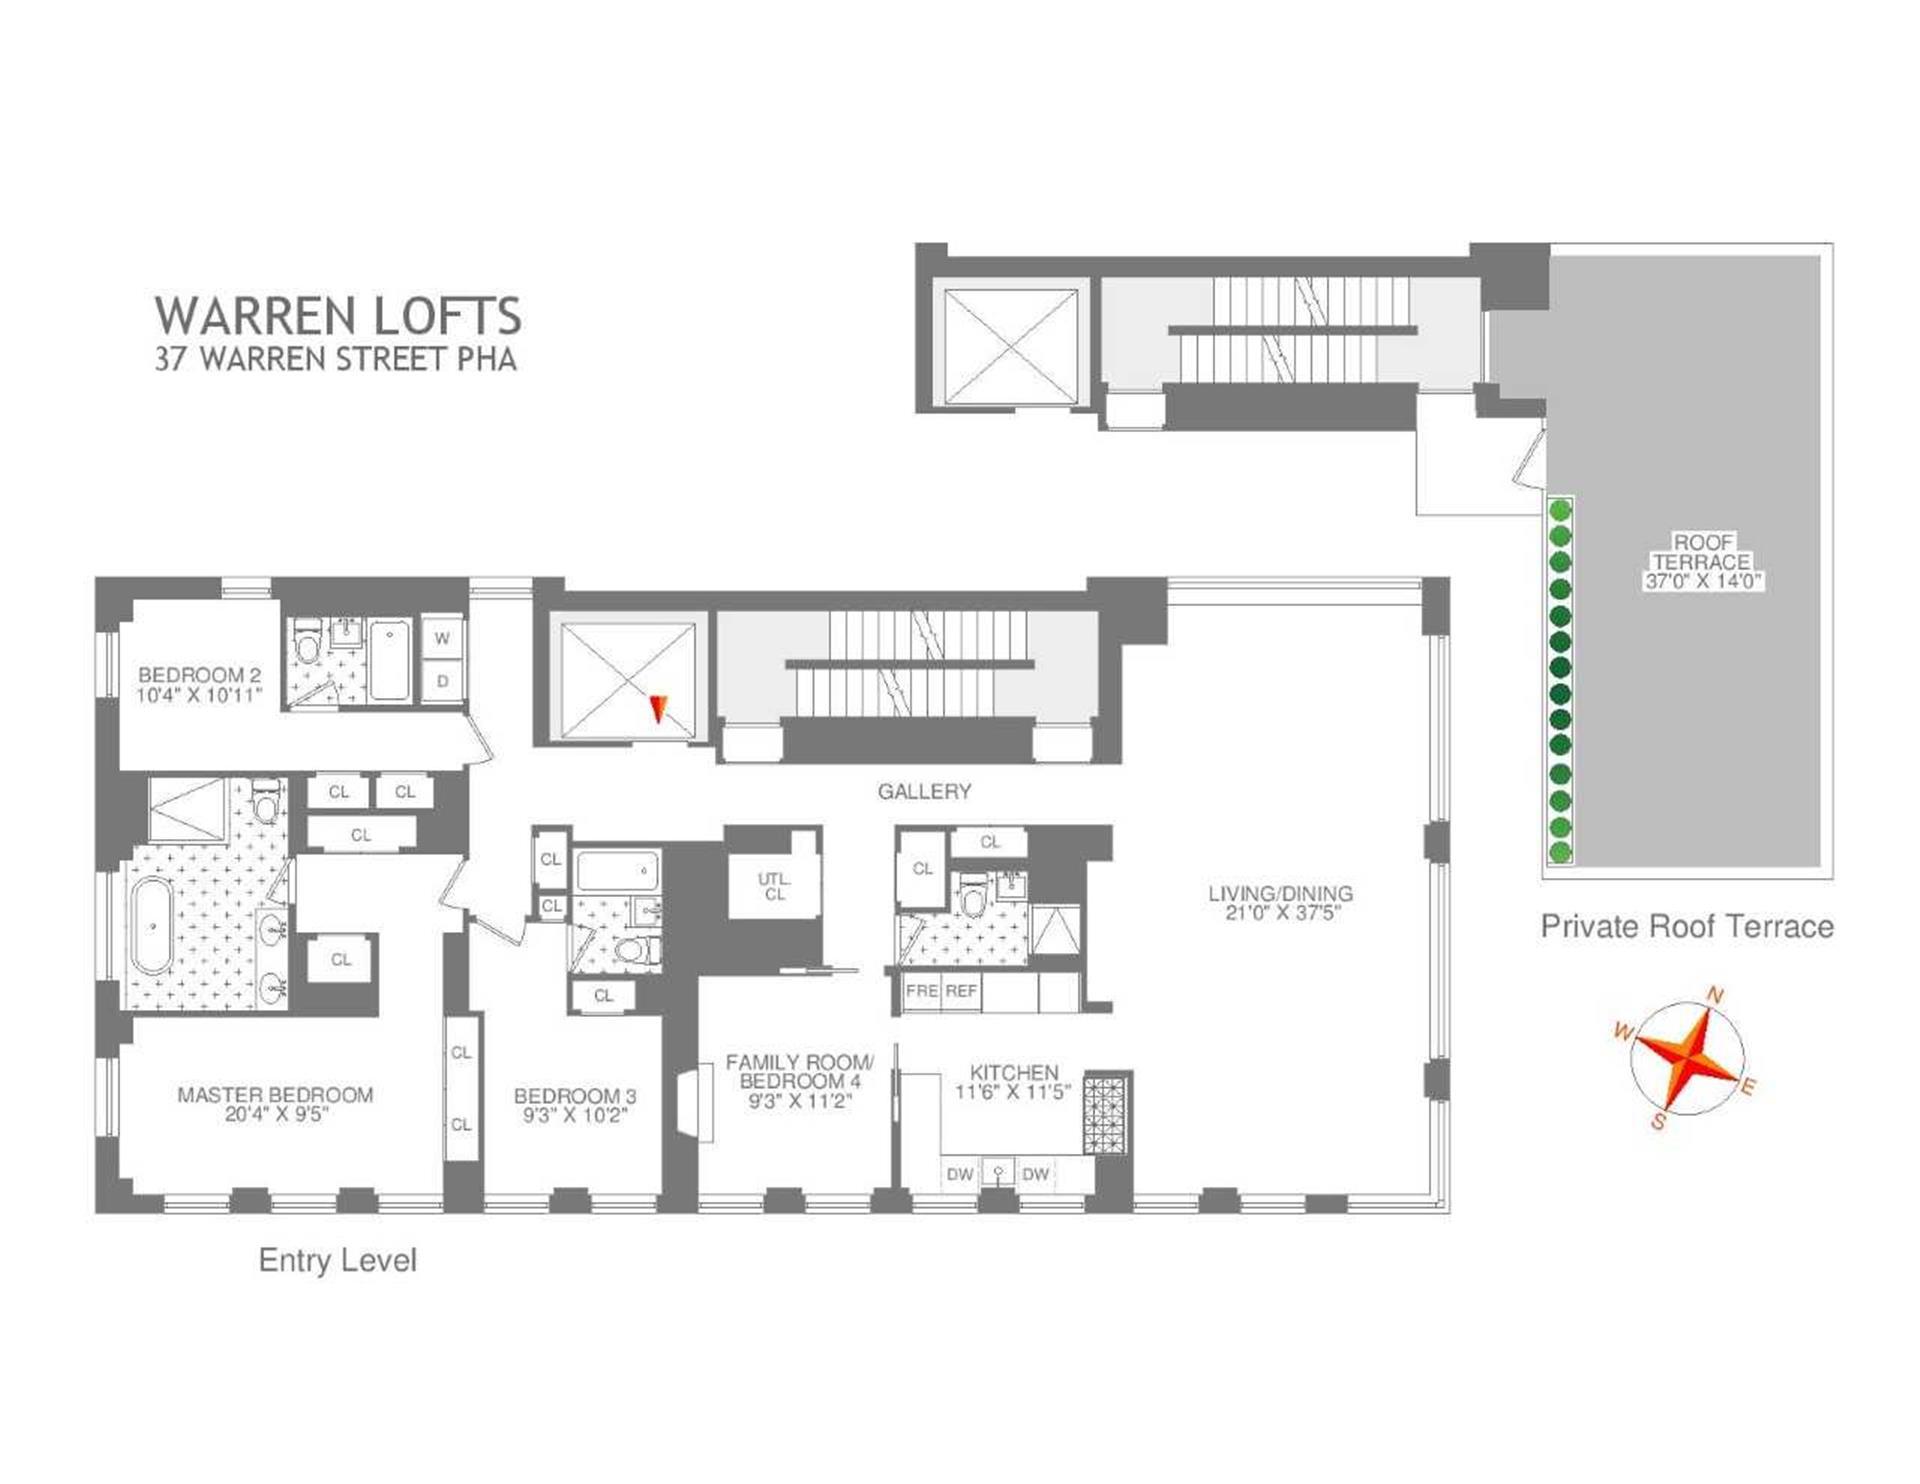 Floor plan of WARREN LOFTS, 37 Warren St, PHA - TriBeCa, New York